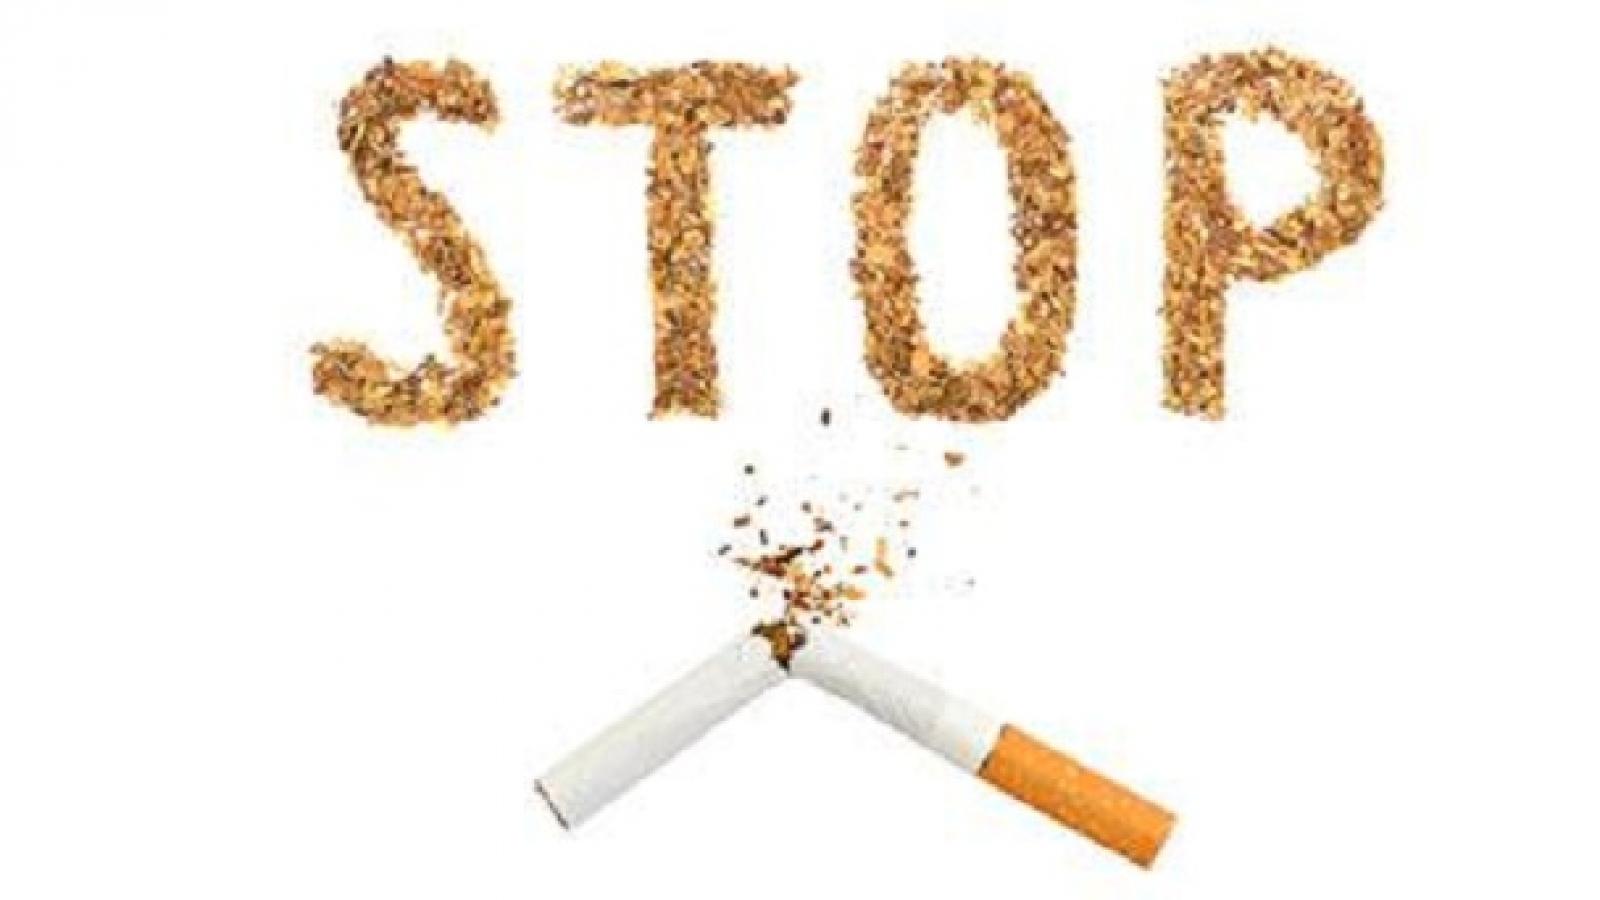 Psychology of smoking